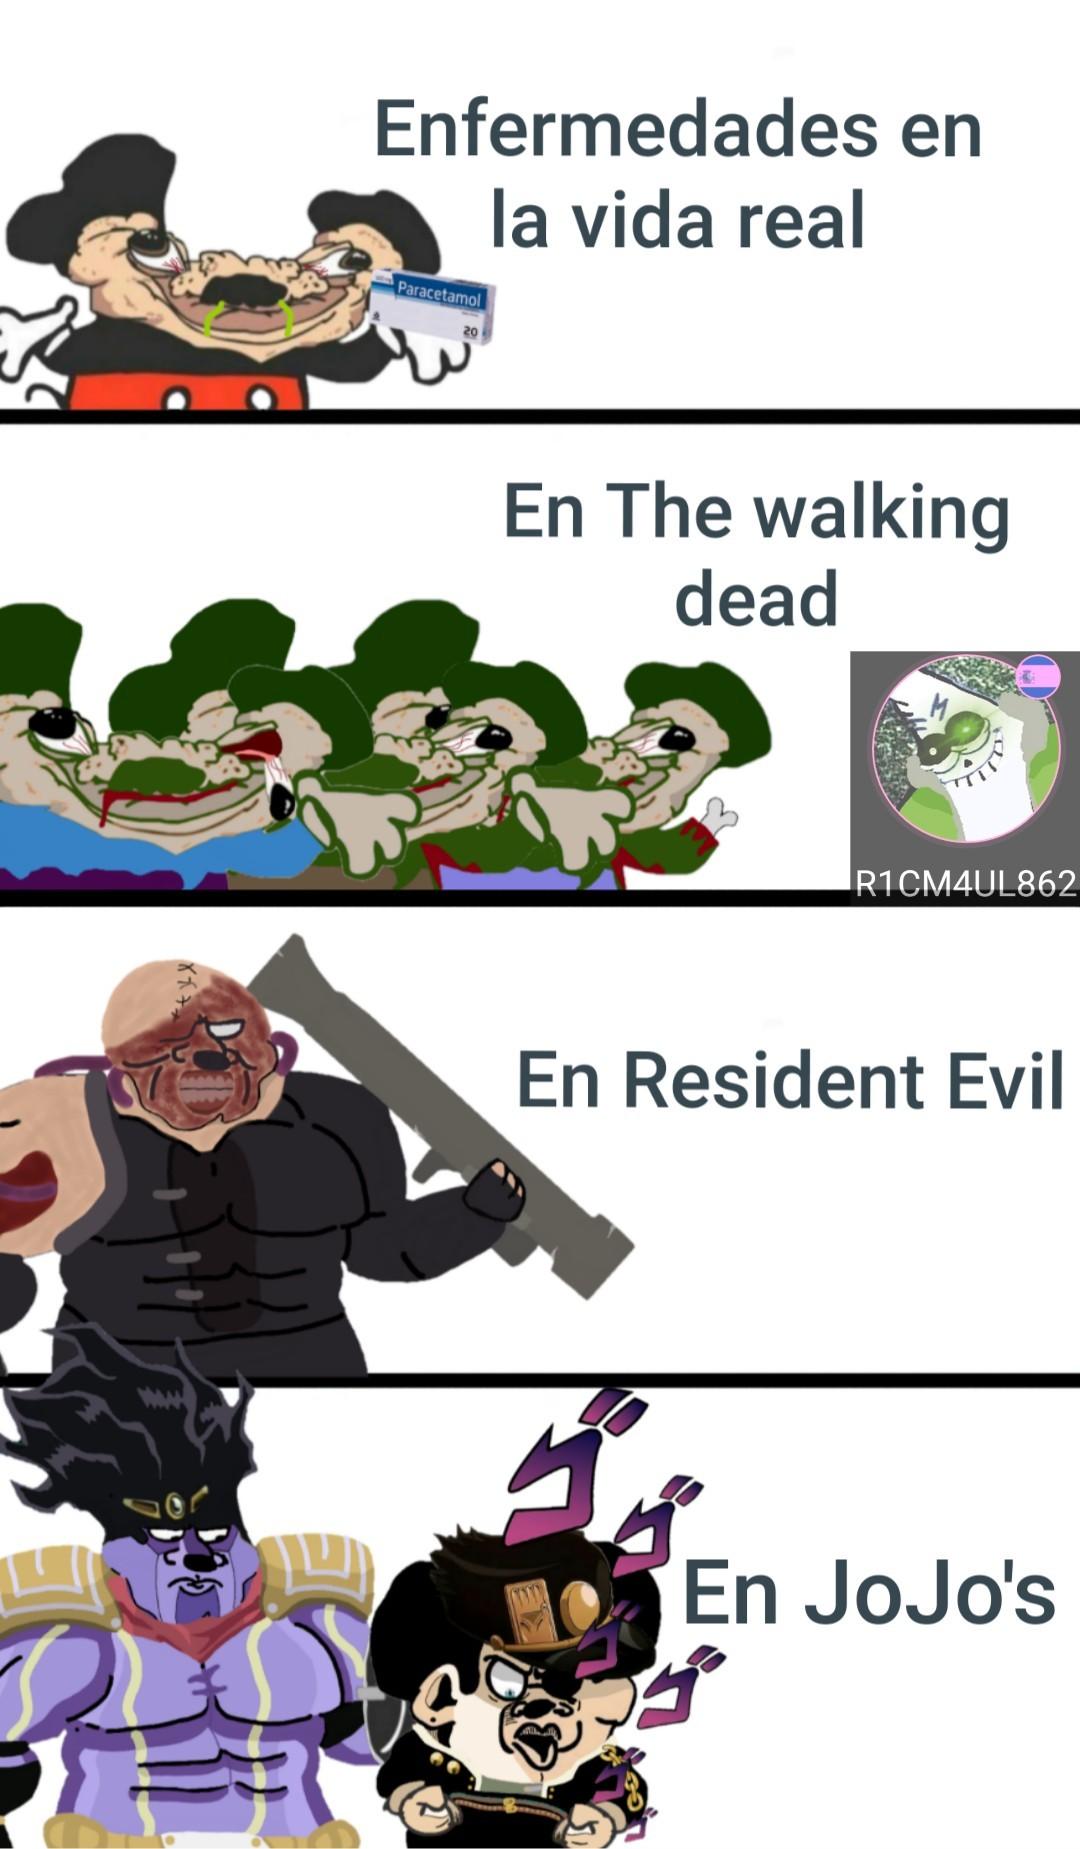 Esta plantilla 10/10 - meme